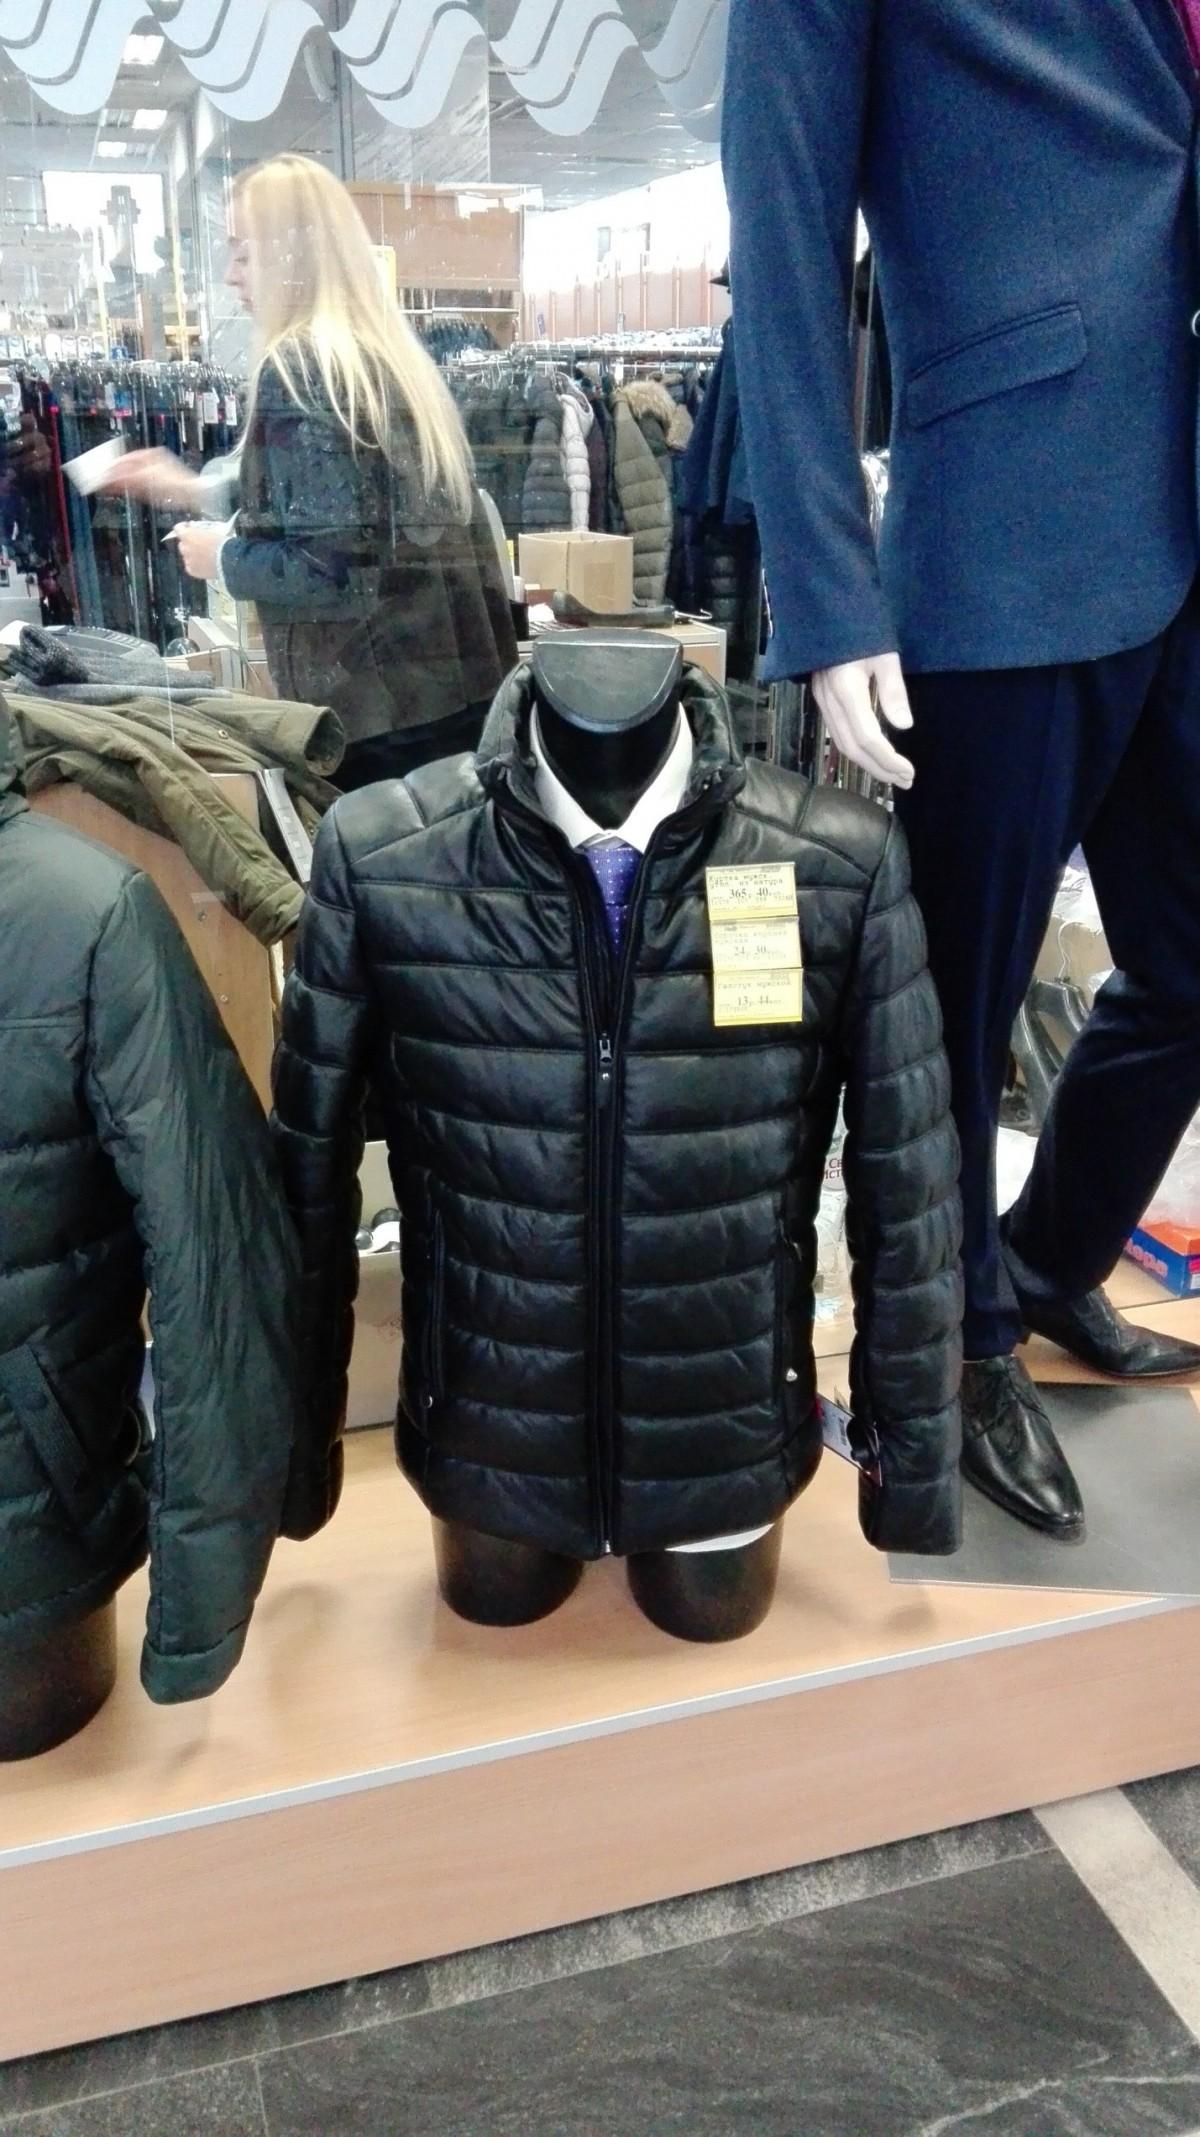 Коллекция создана совместно с ОАО «Бобруйский кожевенный комбинат». Новый вид кожи из овчины имеет хороший внешний вид, эластичность и легкость, отлично подходит для производства курток.